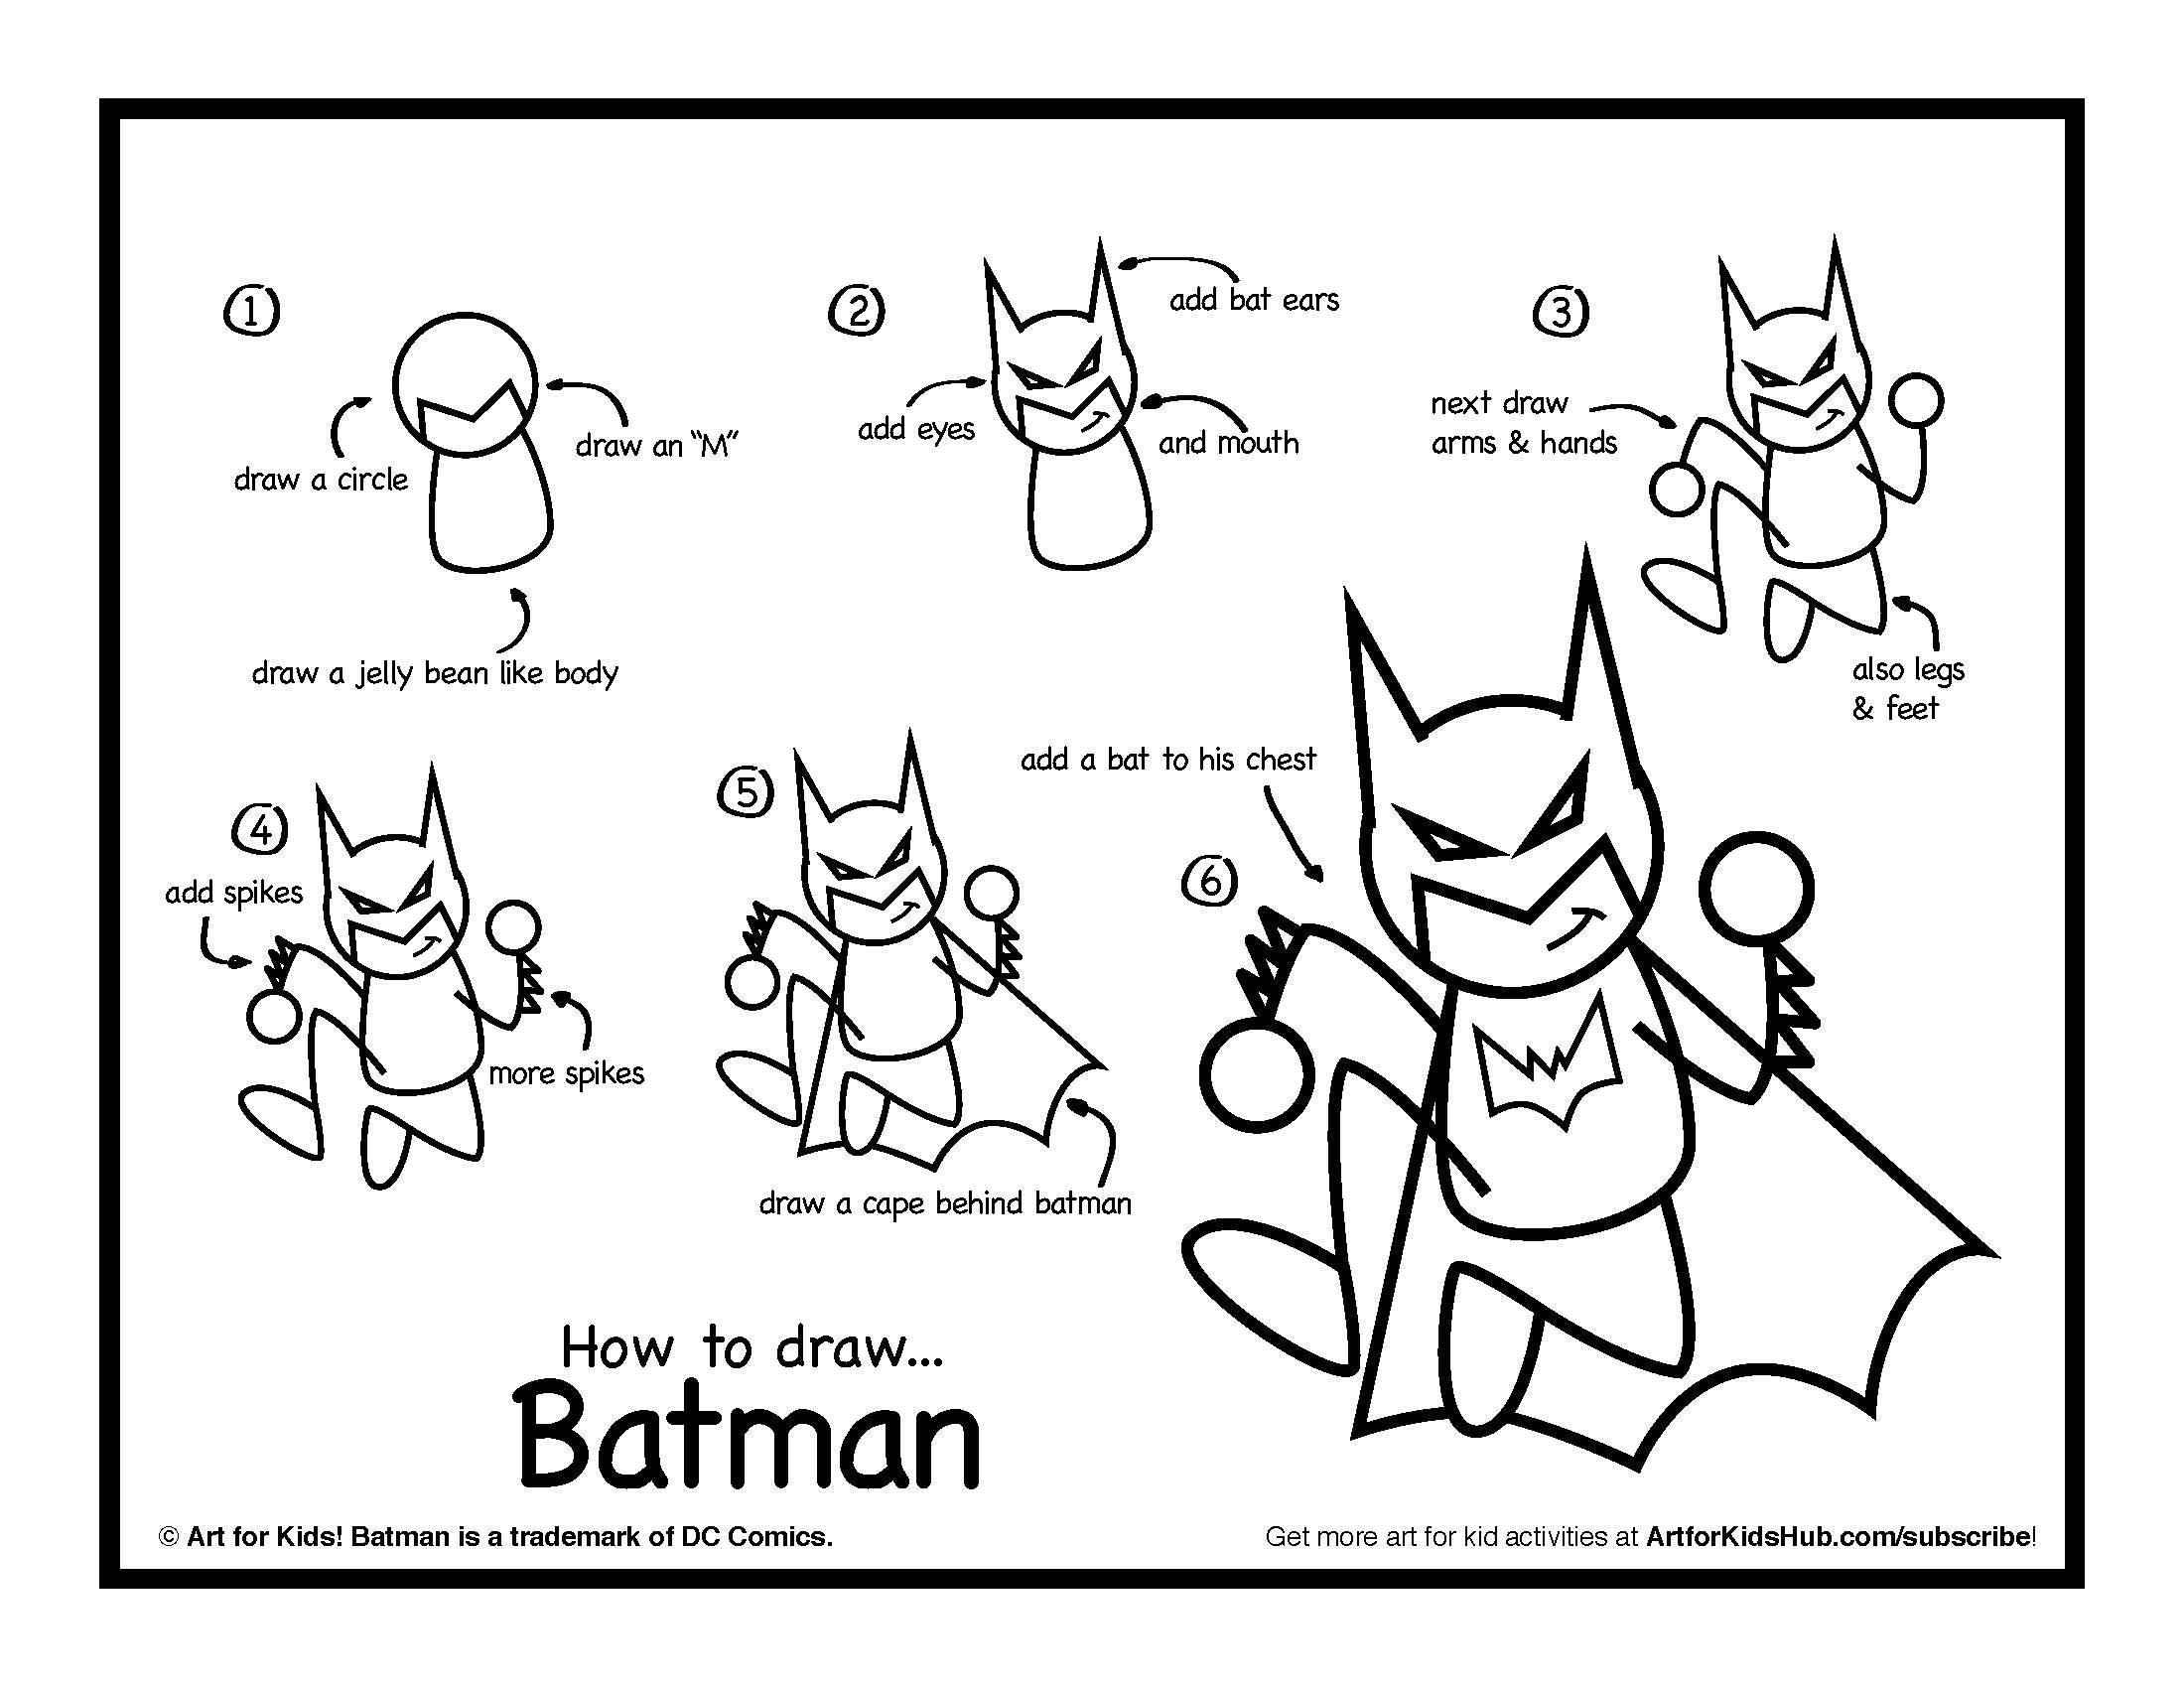 2200x1700 How To Draw Batman